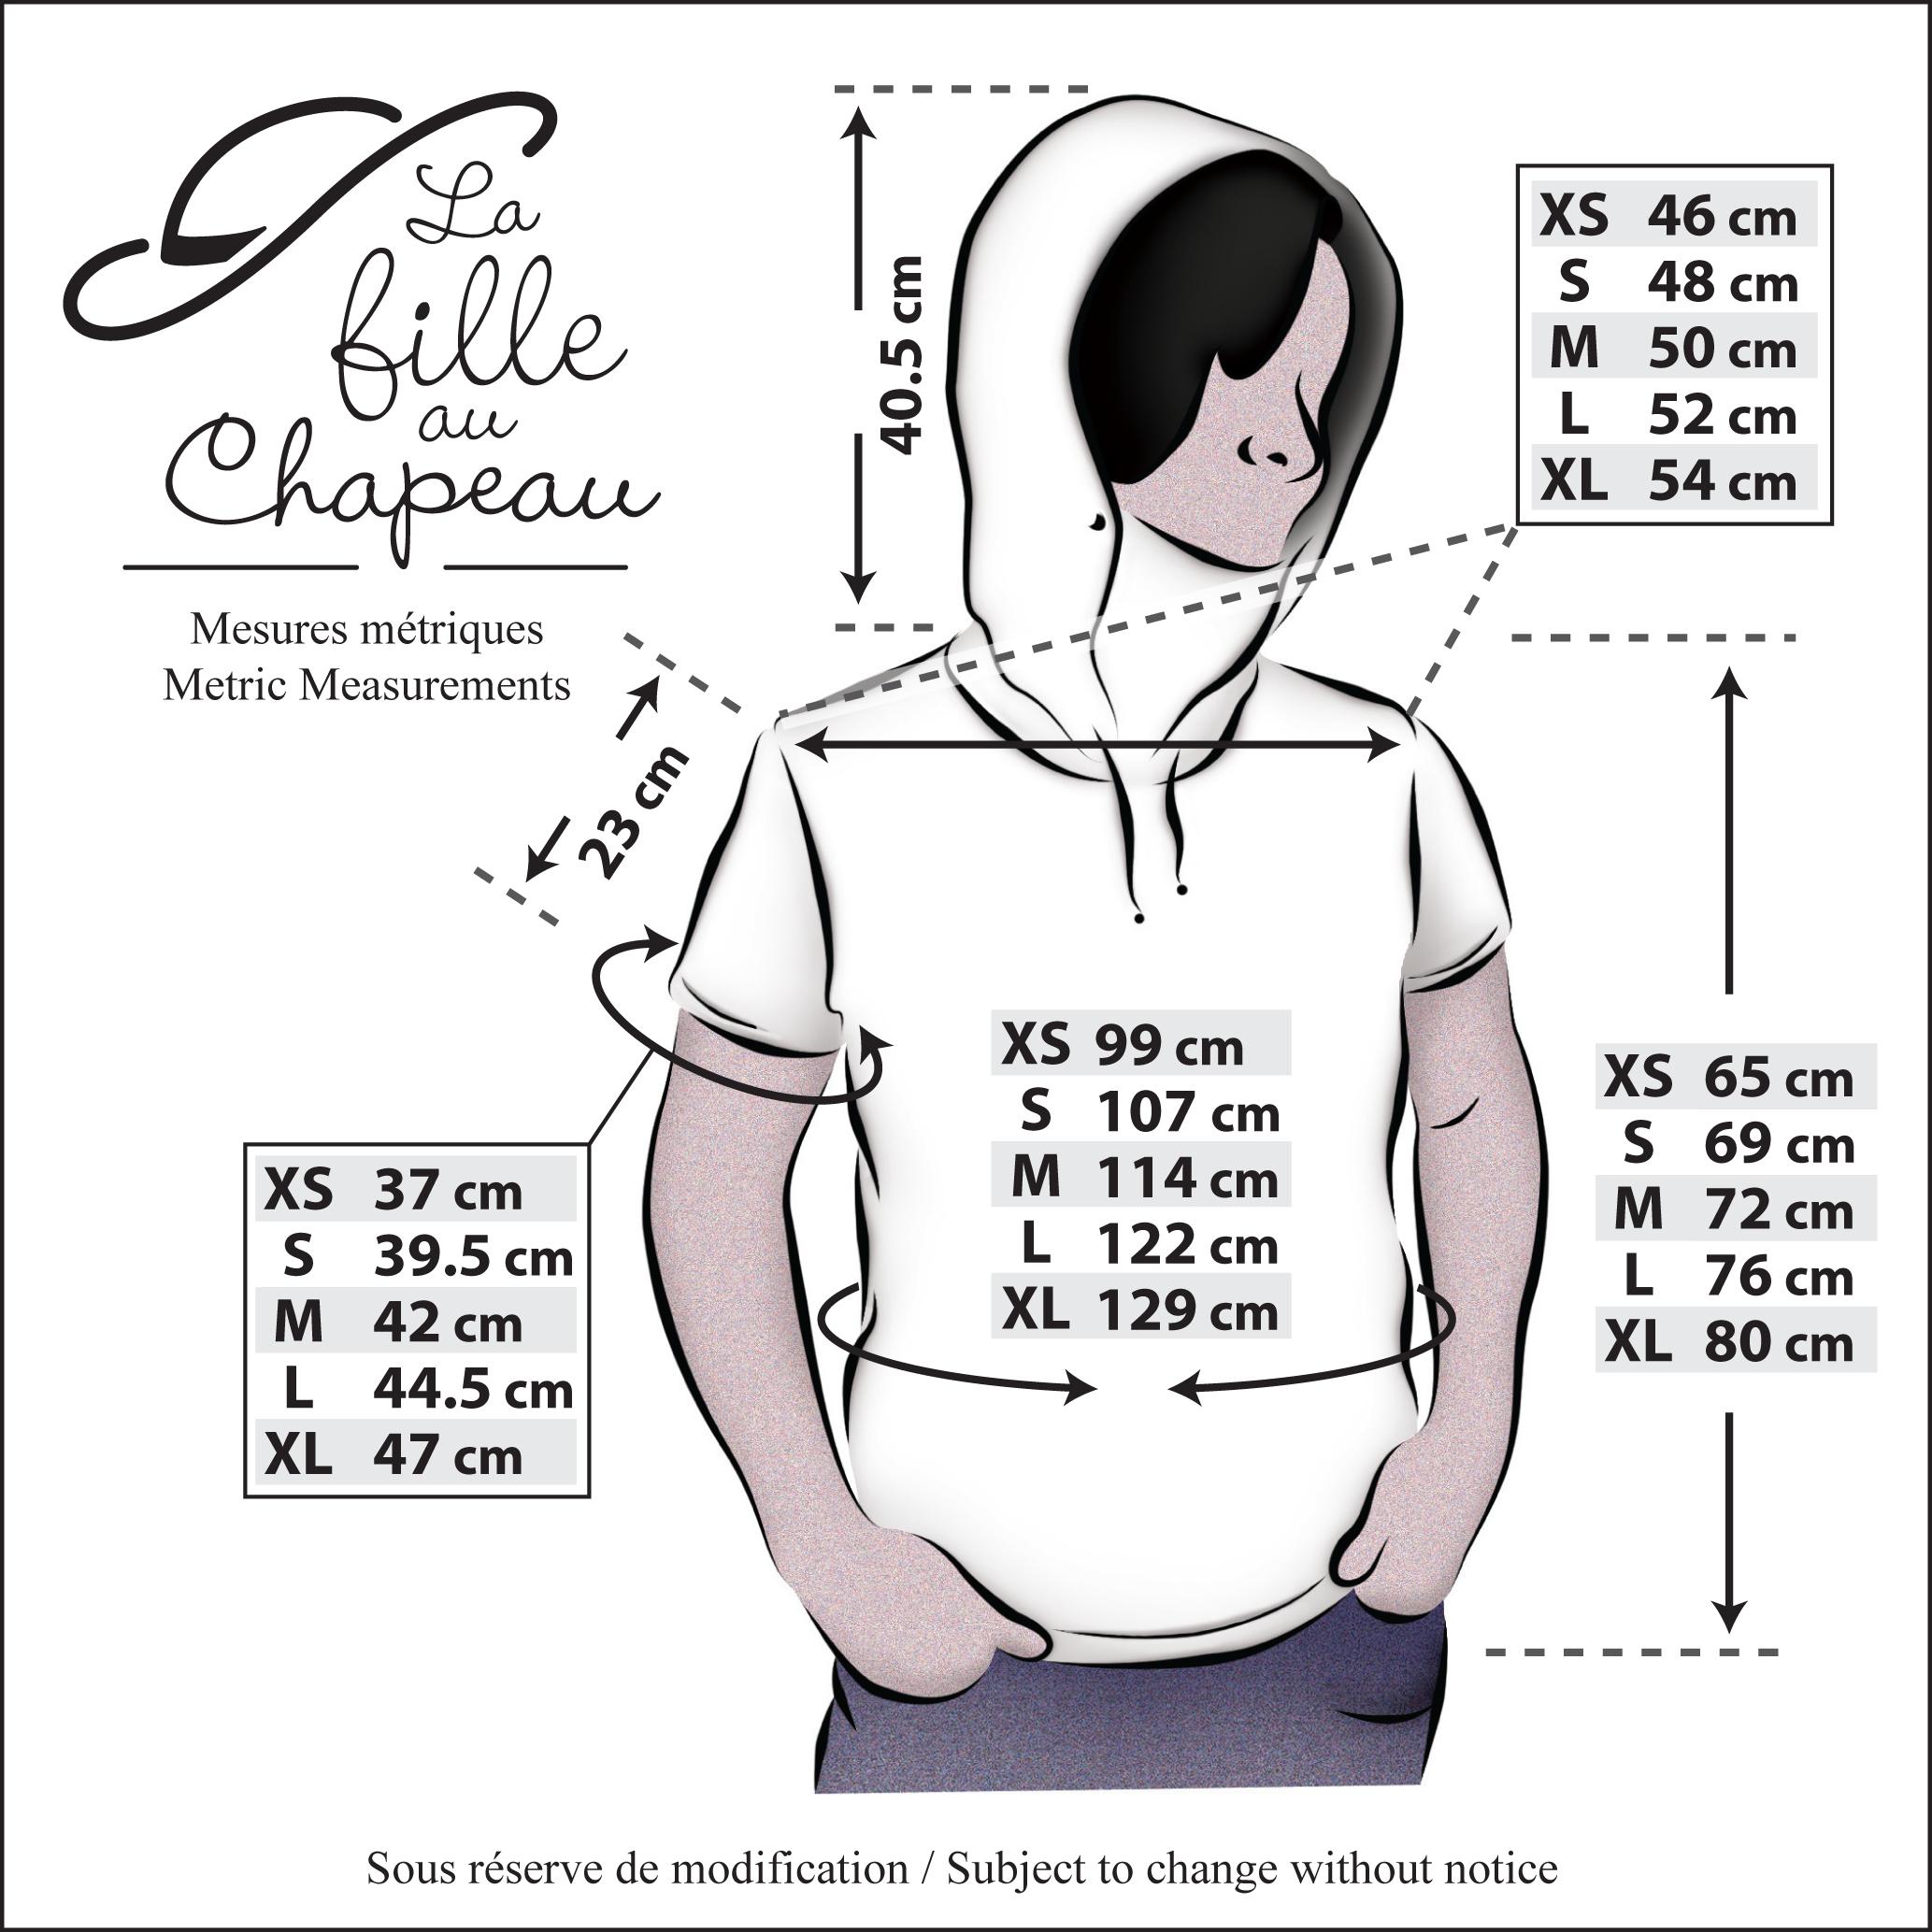 tableau mesures métriques